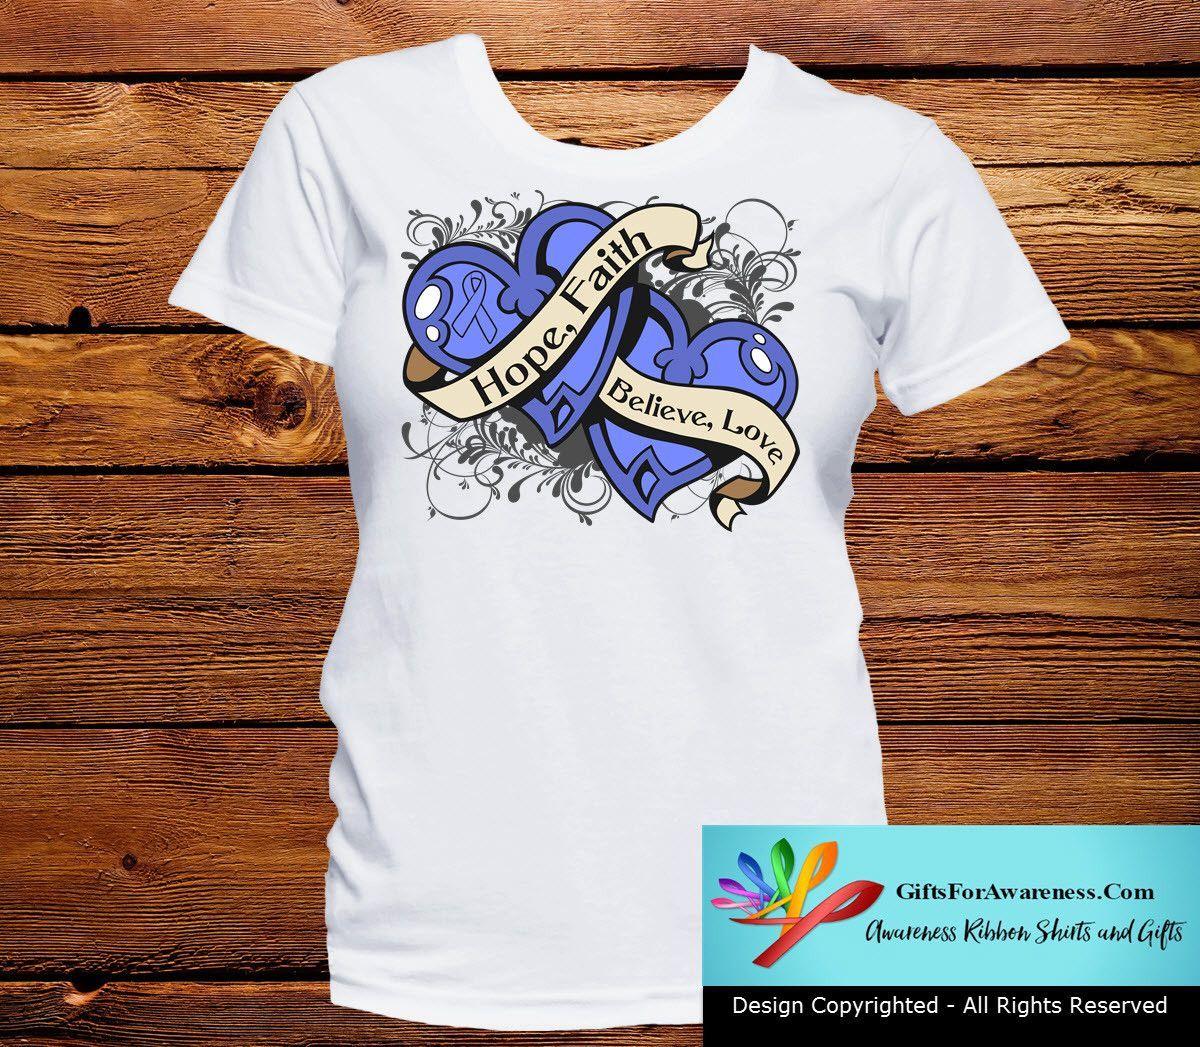 Stomach Cancer Hope Believe Faith Love Shirts